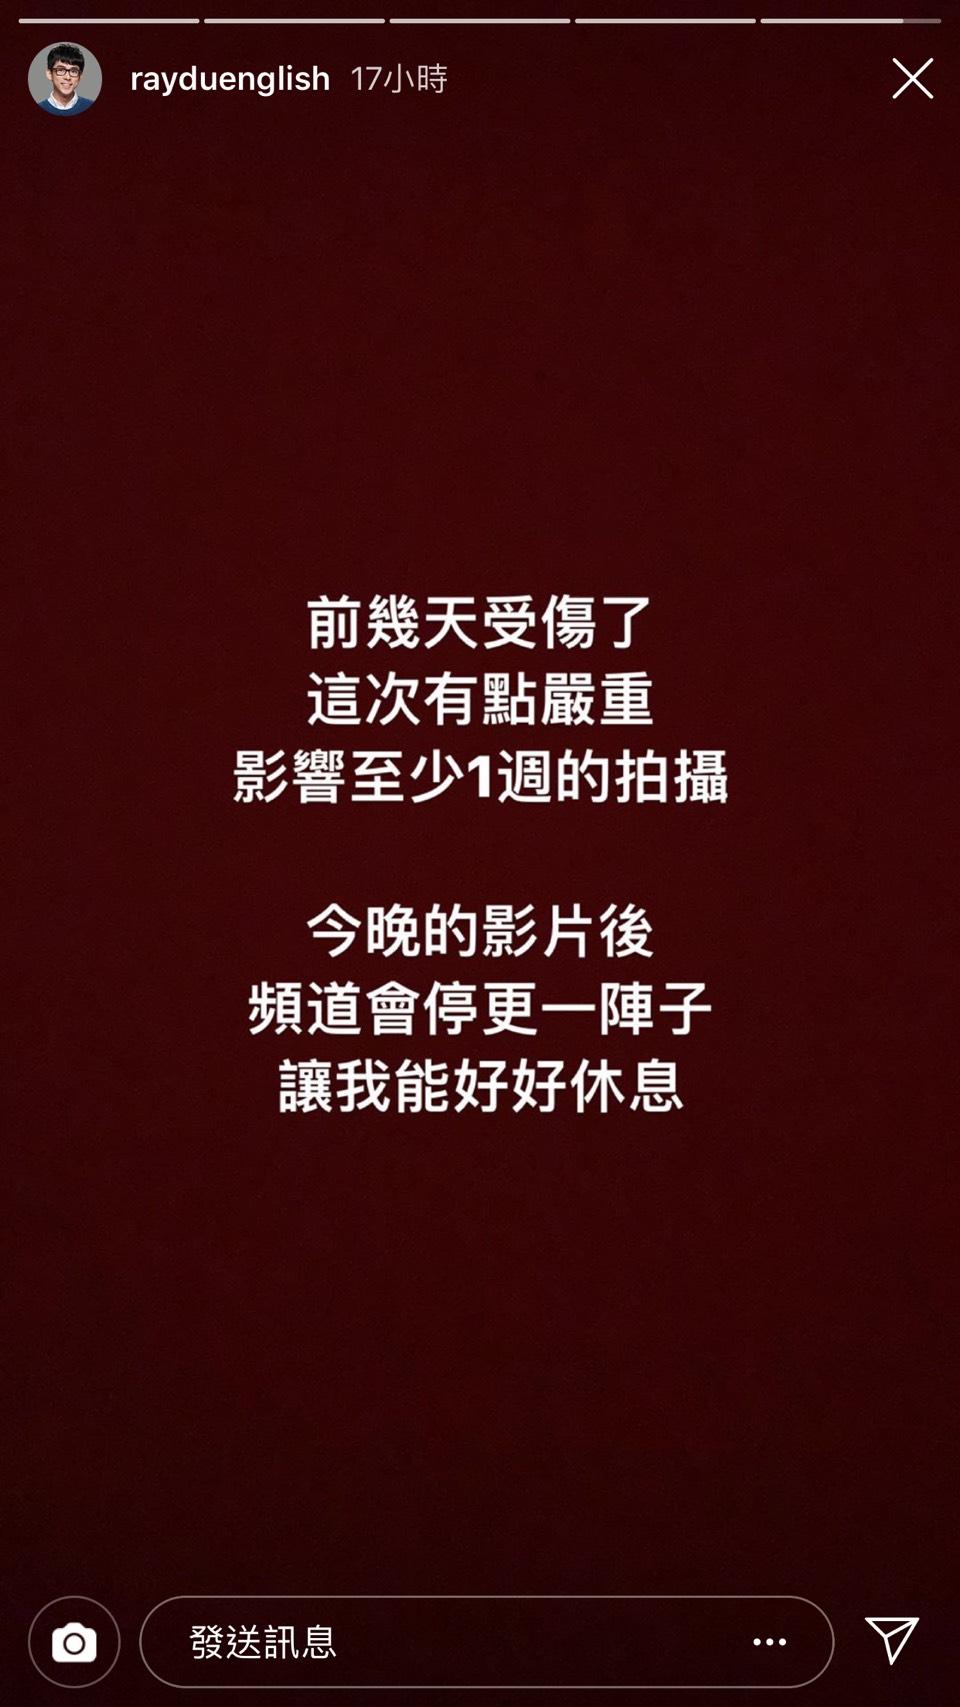 阿滴突然宣布「暫停更新」!他在IG解釋「這次有點嚴重」粉絲超擔心:早日康復QQ